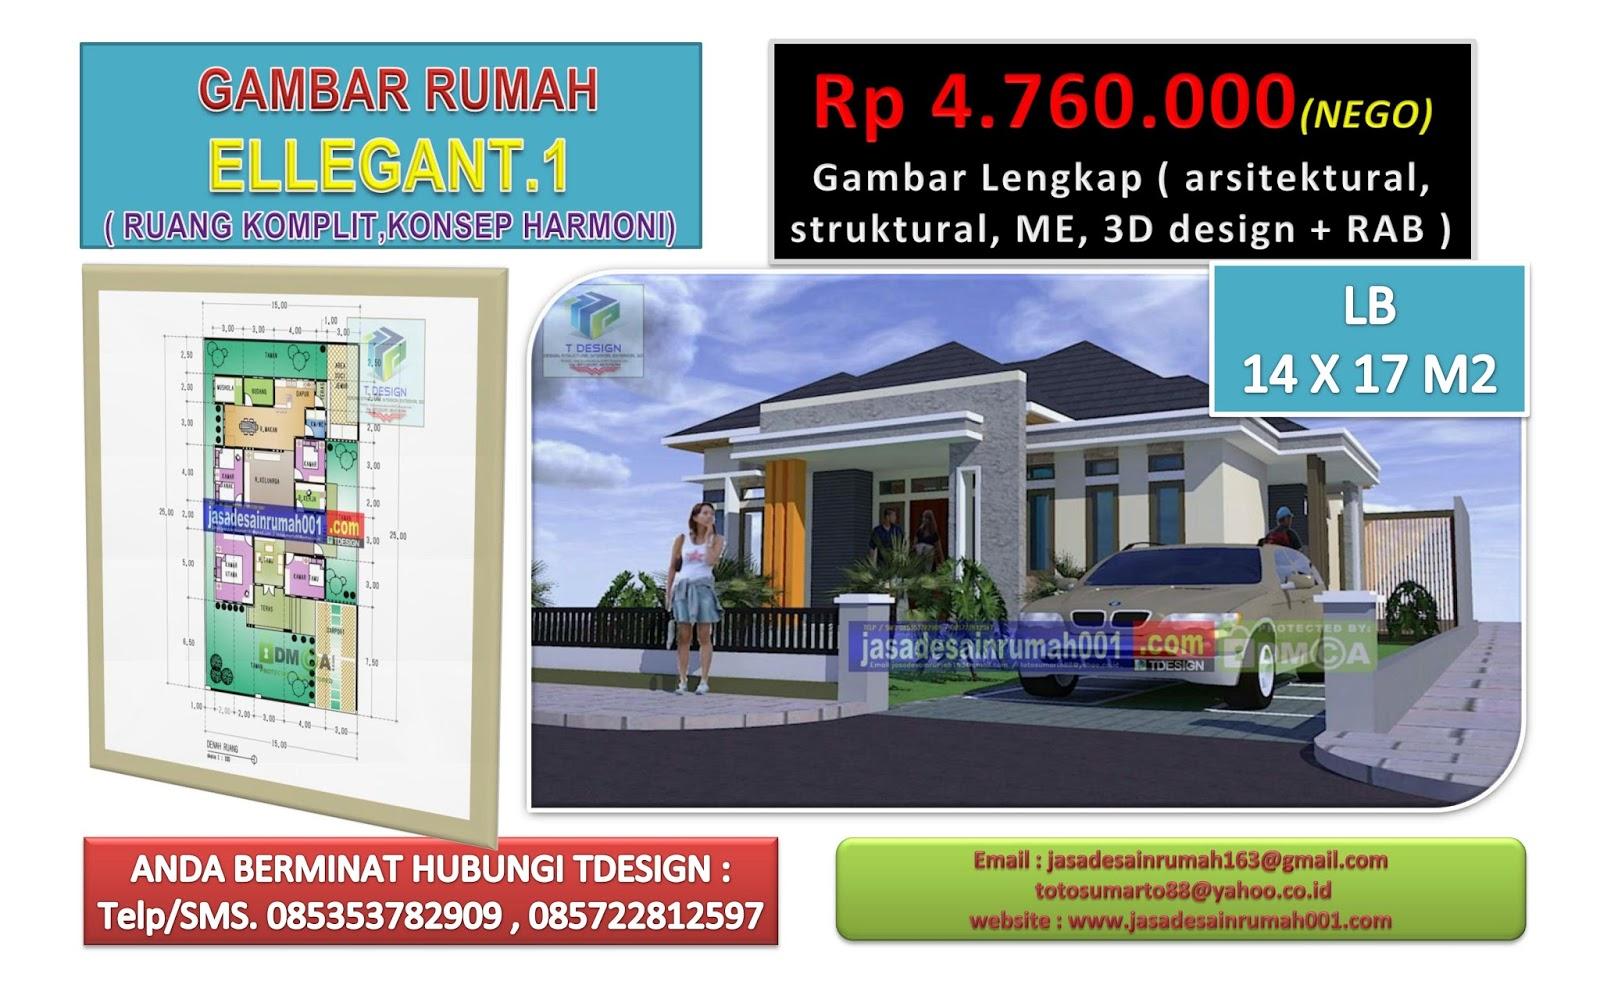 jasa desain rumah t design denah rumah ukuran 14 x 17 m2